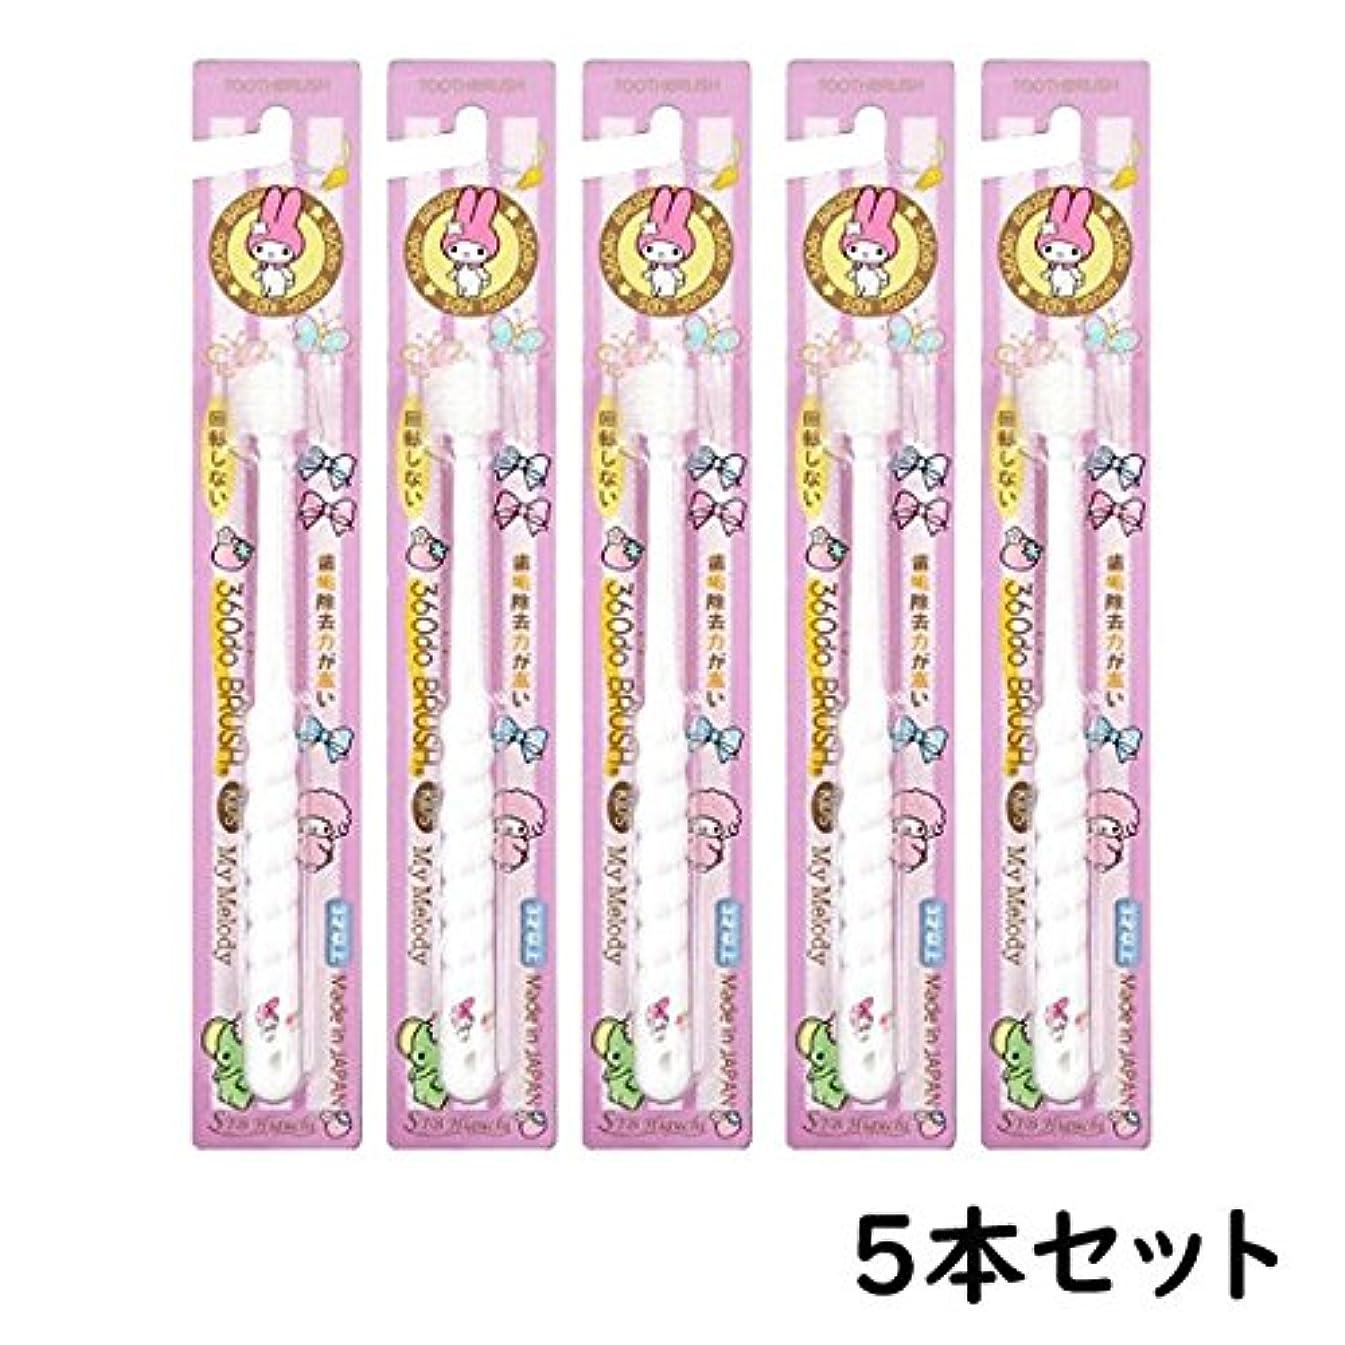 コンセンサステープ該当する360度歯ブラシ 360do BRUSH たんぽぽの種キッズ マイメロディ (5本)